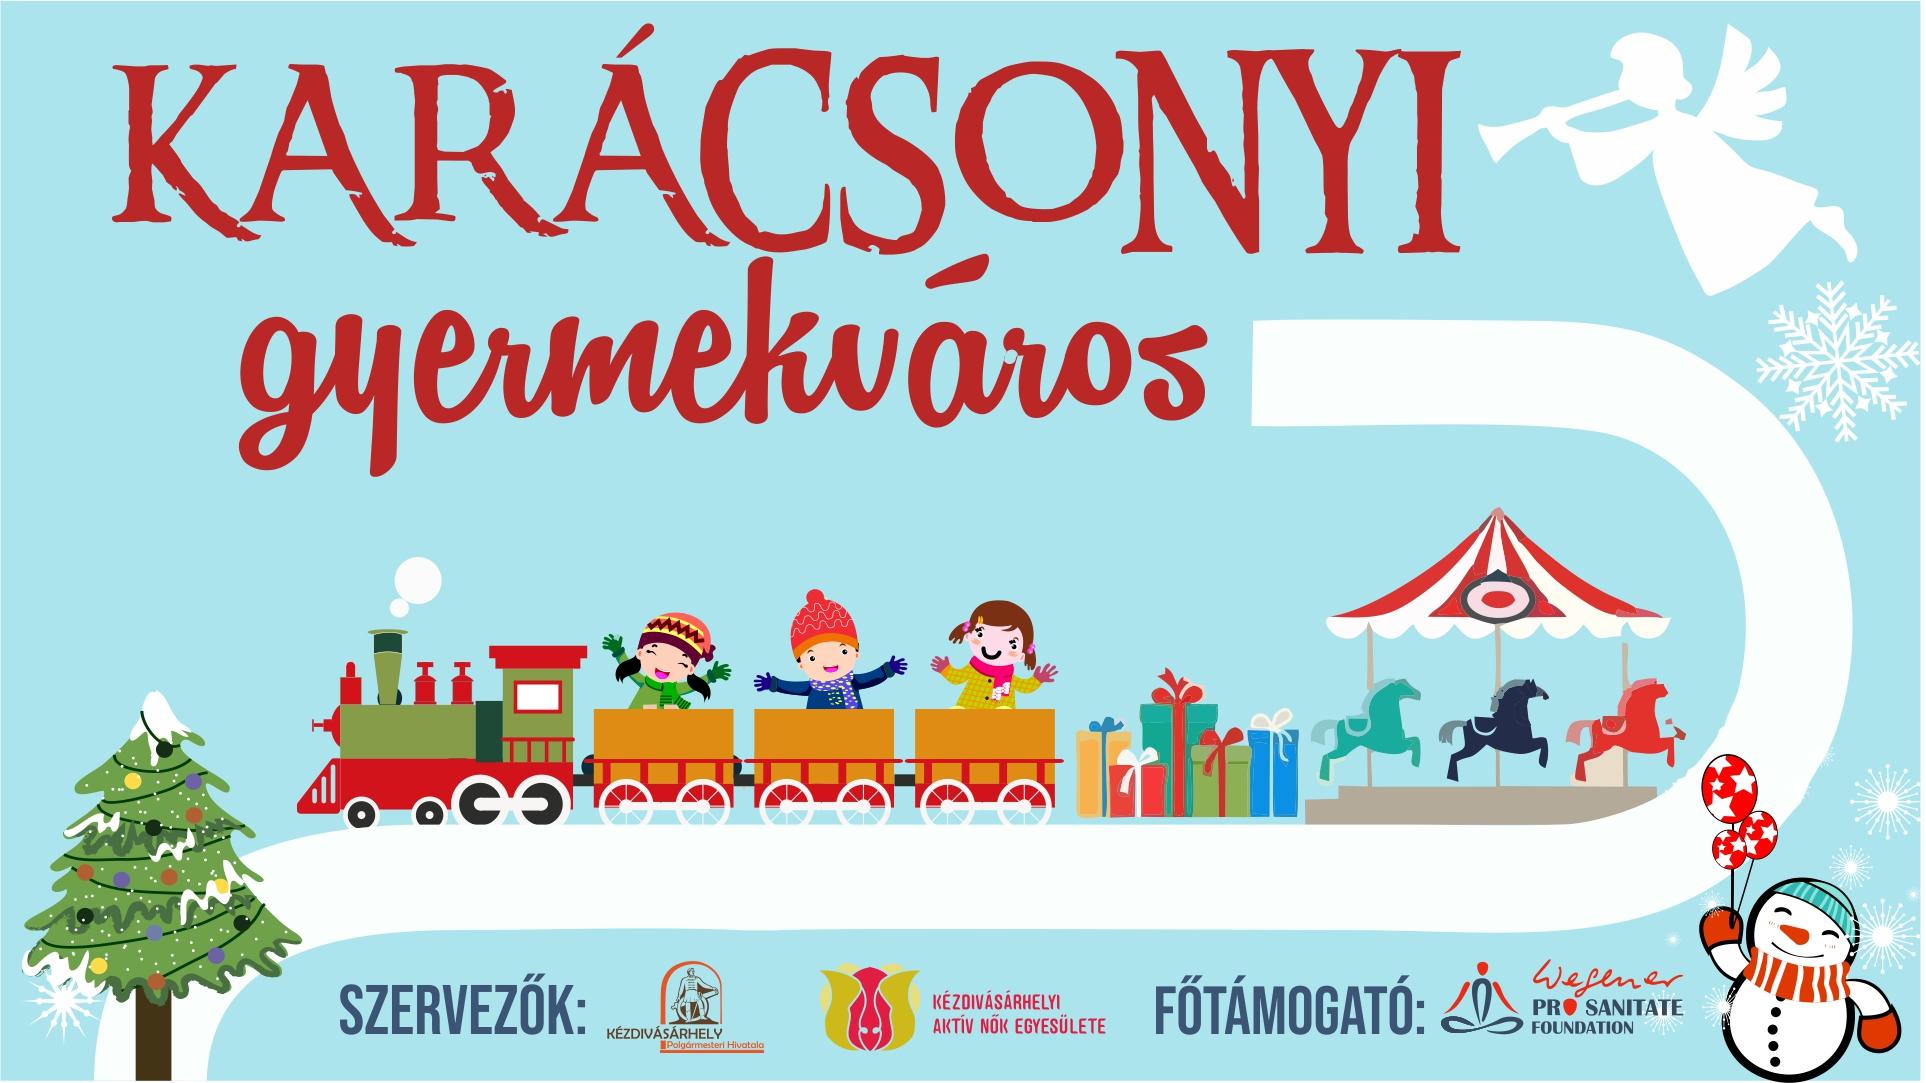 A Karácsonyi Gyermekváros idén is megnyitja kapuit!